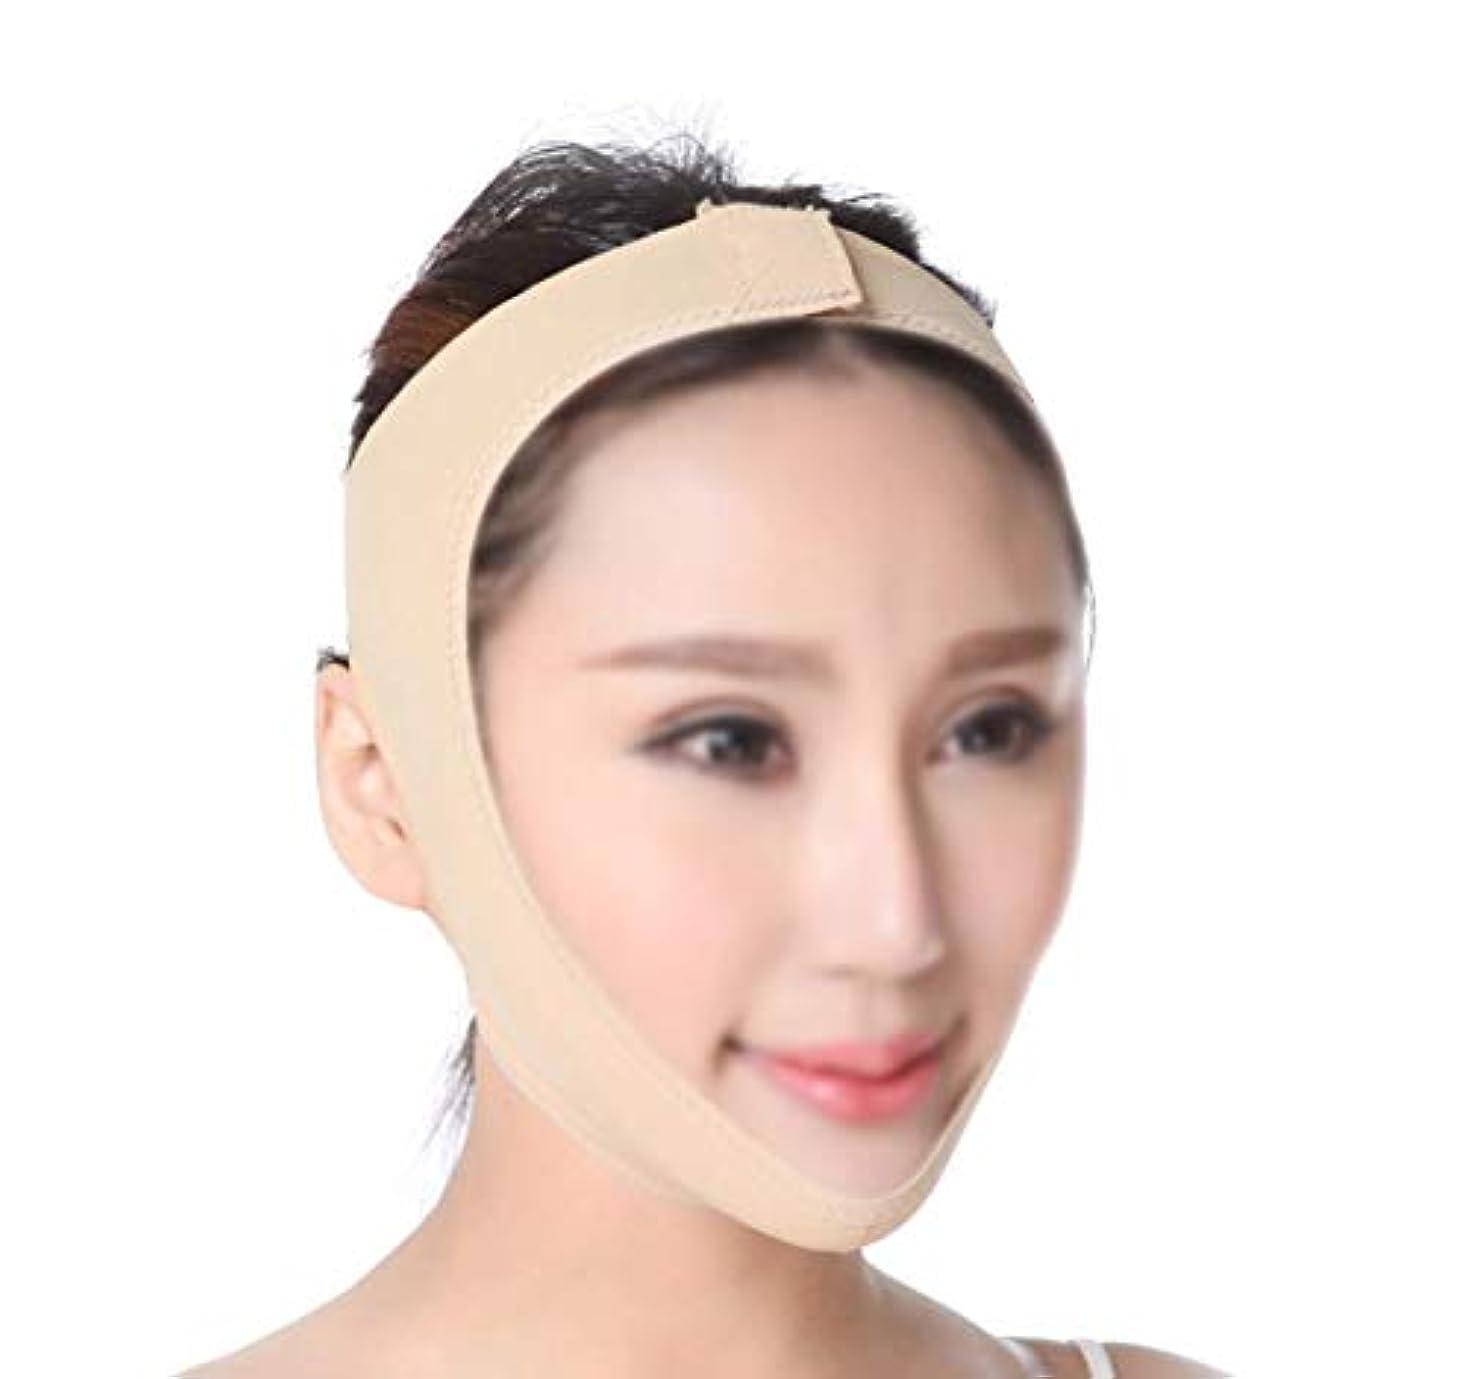 フェイスリフティング包帯、フェイシャル減量アンチシワケアフェイスリフトで肌を引き締め、二重あごを効果的に改善し、V字型の顔になります(サイズ:S),L